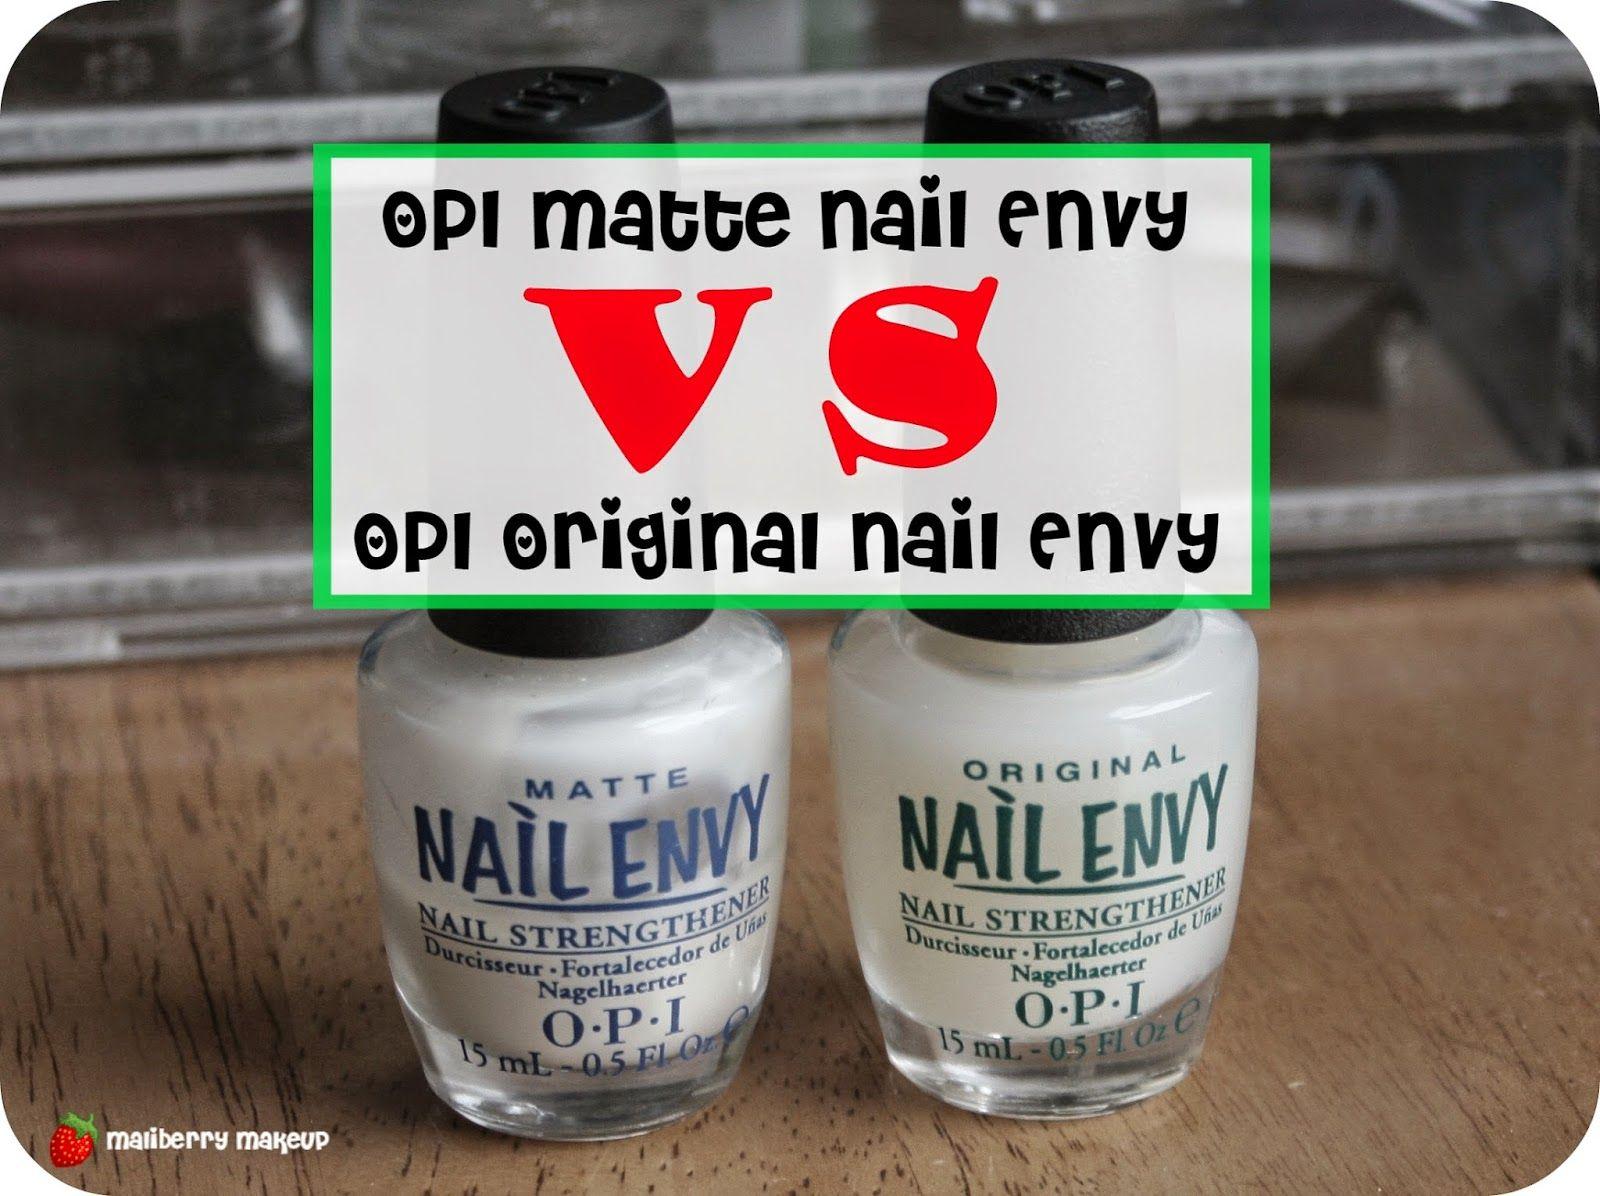 OPI Matte Nail Envy VS Original Nail Envy Review | Nials | Pinterest ...